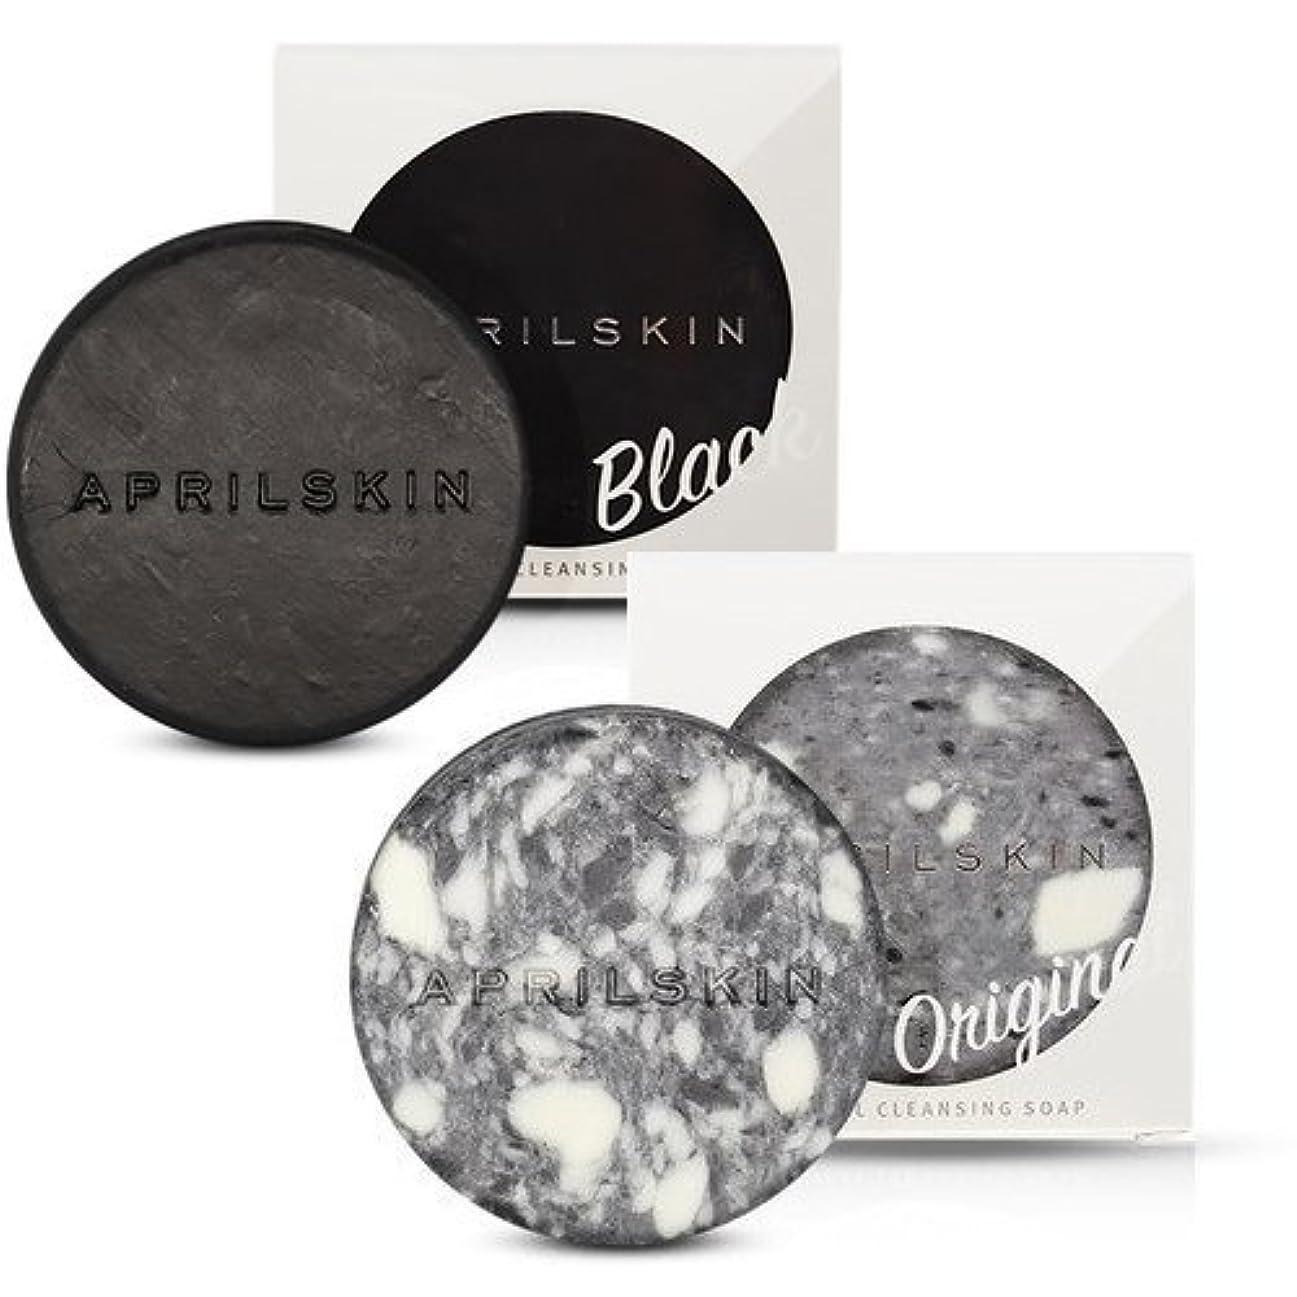 約統合するマウント[1+1][APRILSKIN] エイプリルスキン国民石鹸 (APRIL SKIN マジックストーンのリニューアルバージョン新発売) (ORIGINAL+BLACK) [並行輸入品]